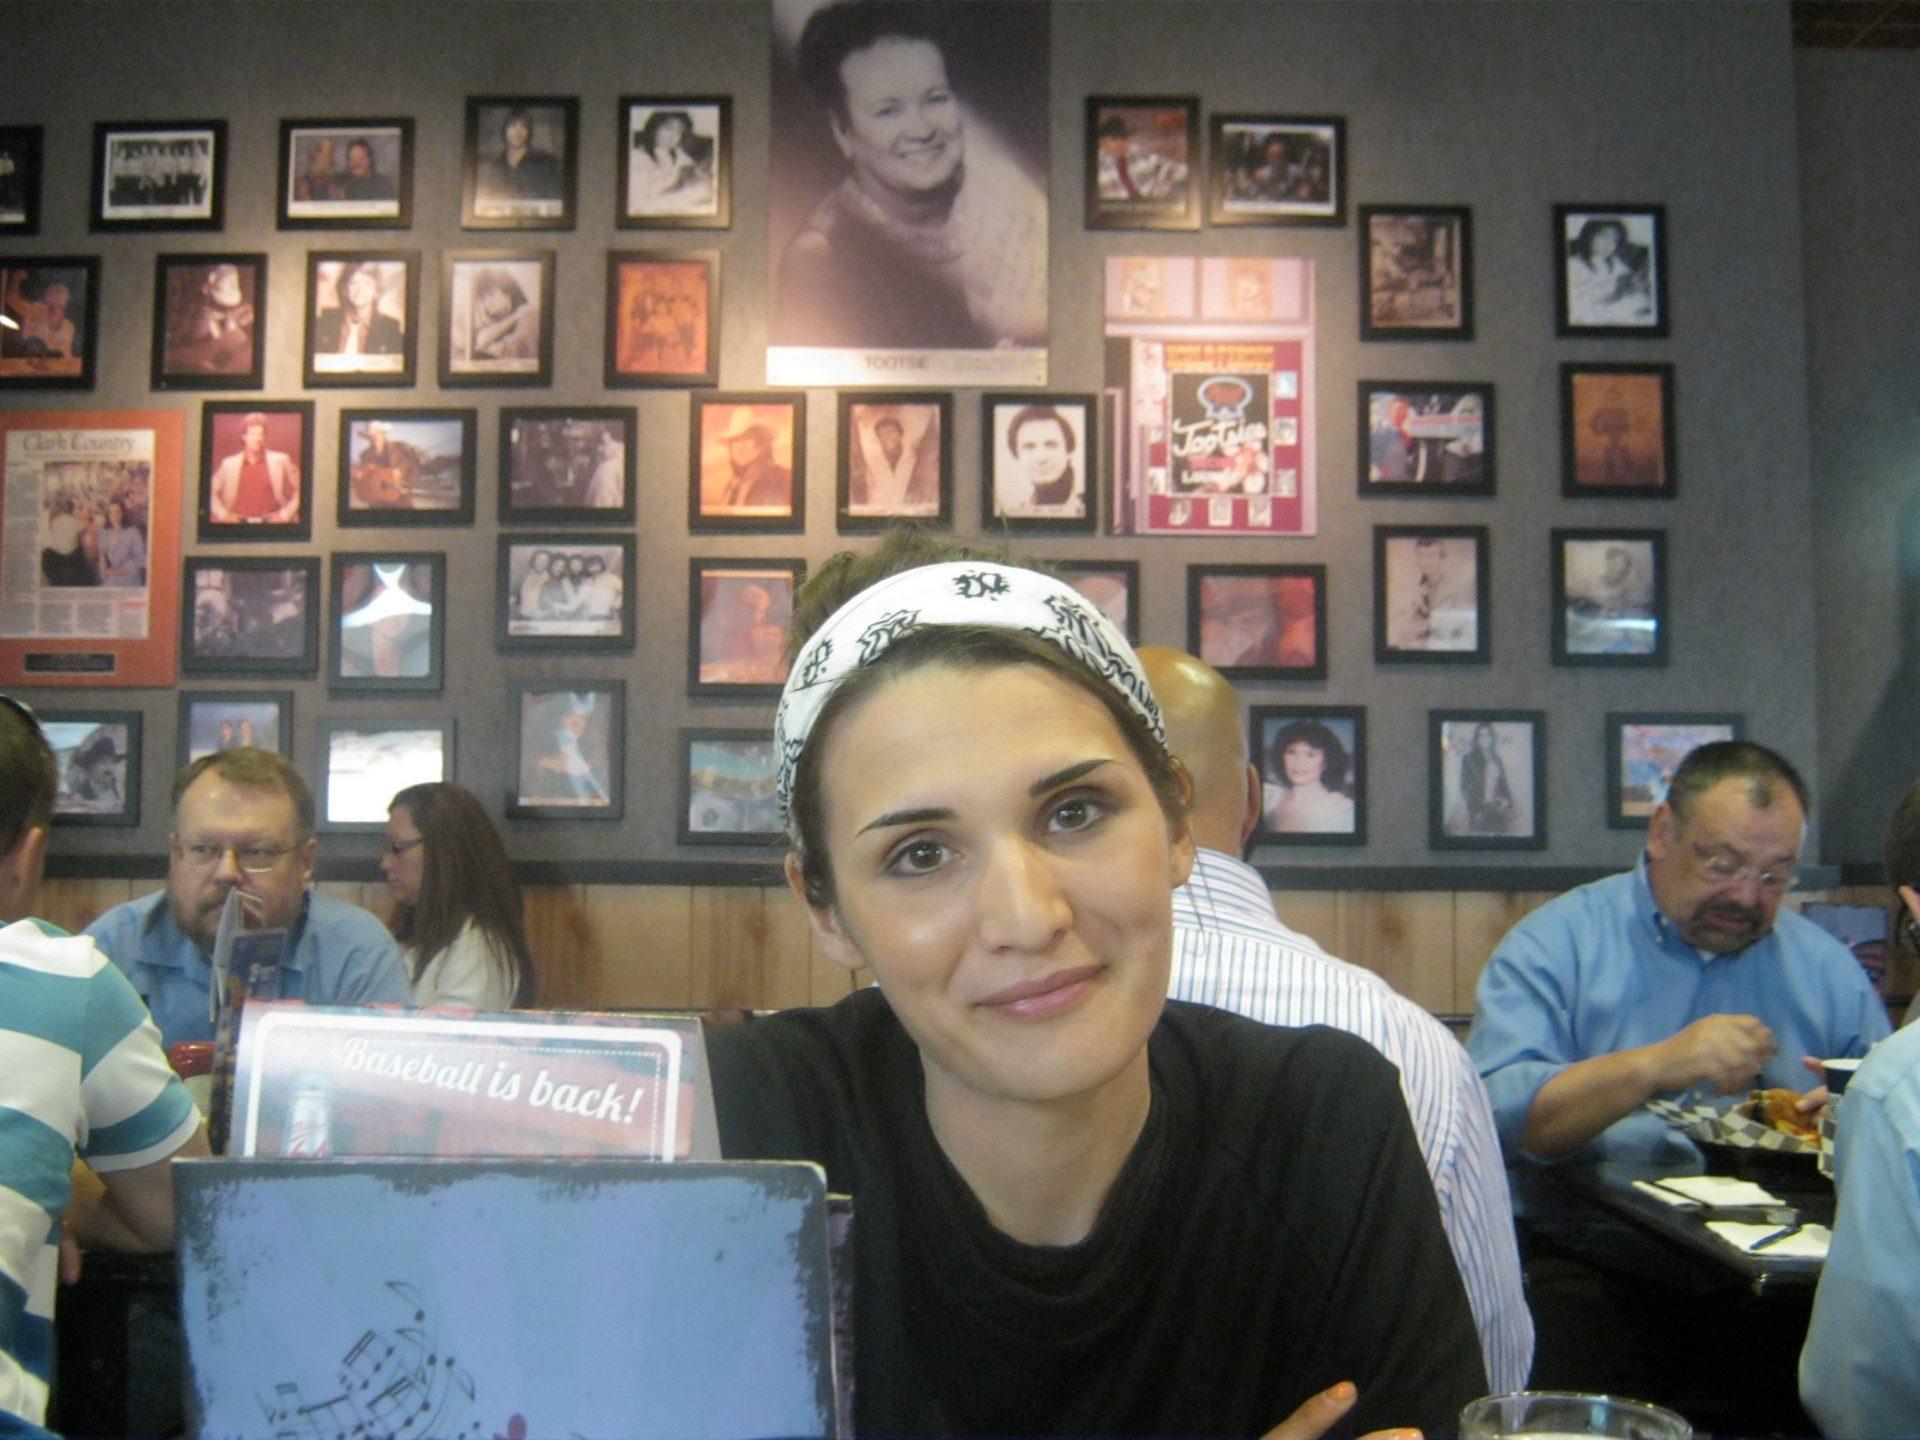 Io, nel Tootsies bar dell'aereoporto di Nashville